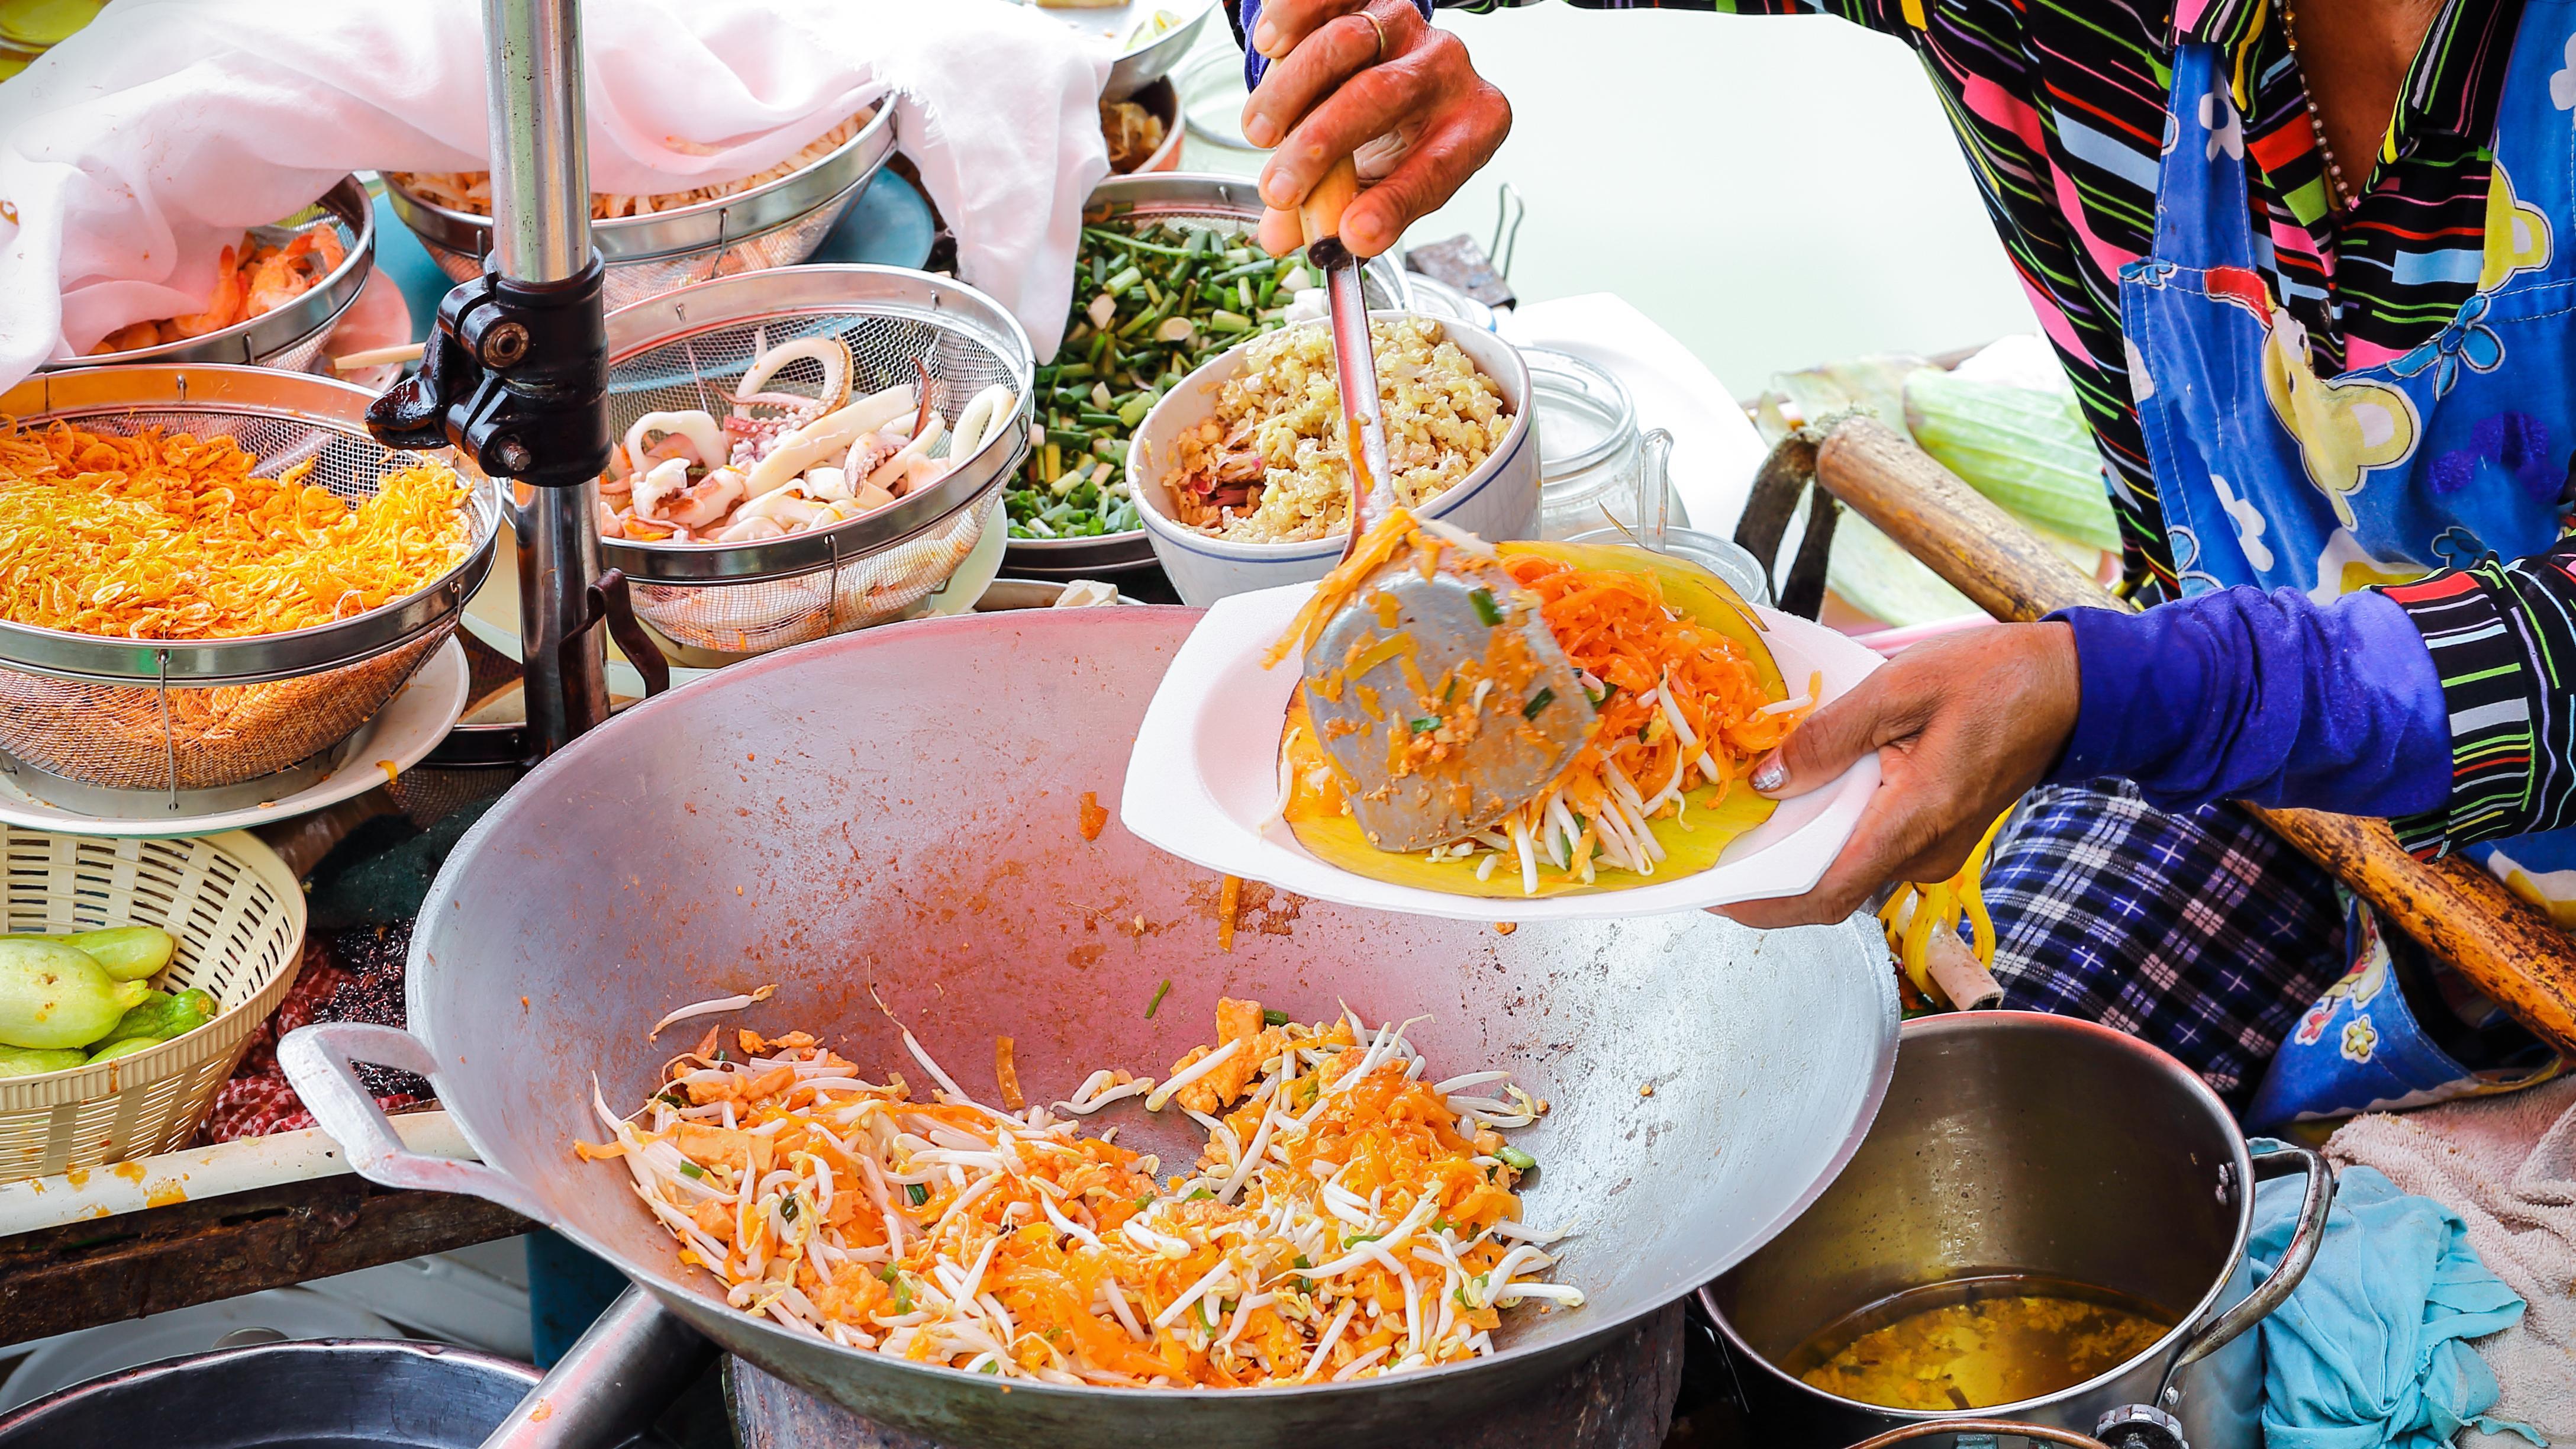 Tajlandia Od Kuchni 10 Dan Ktorych Musisz Sprobowac Podczas Pobytu W Pattayi Podroze